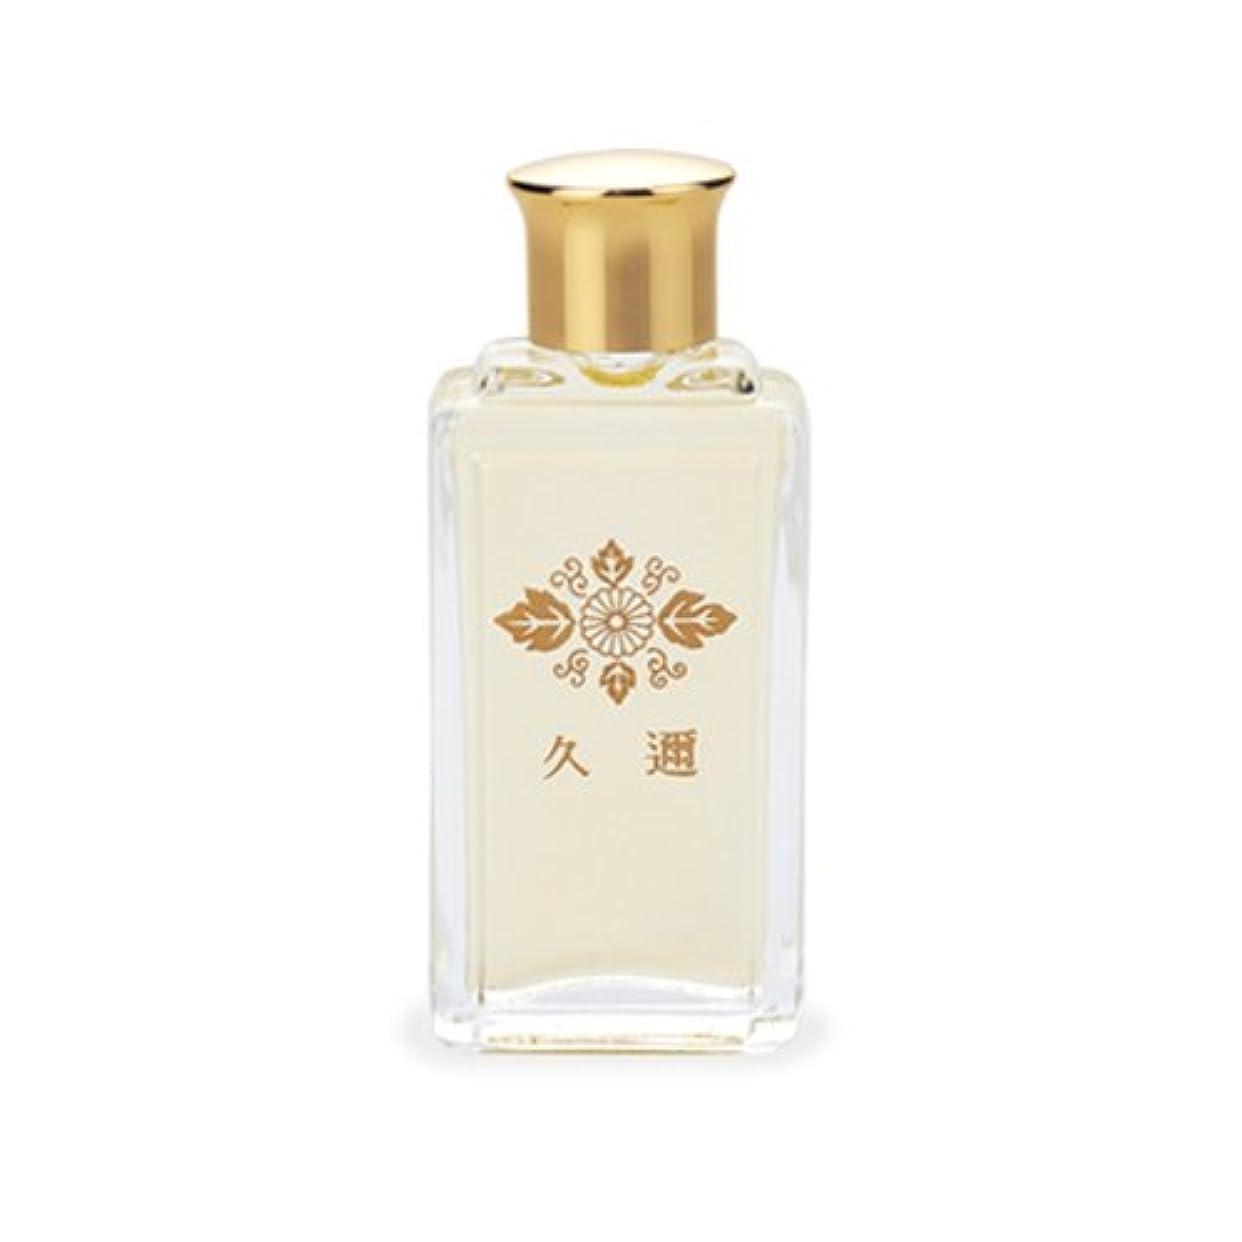 セメントパーク女の子久邇香水 ローズ